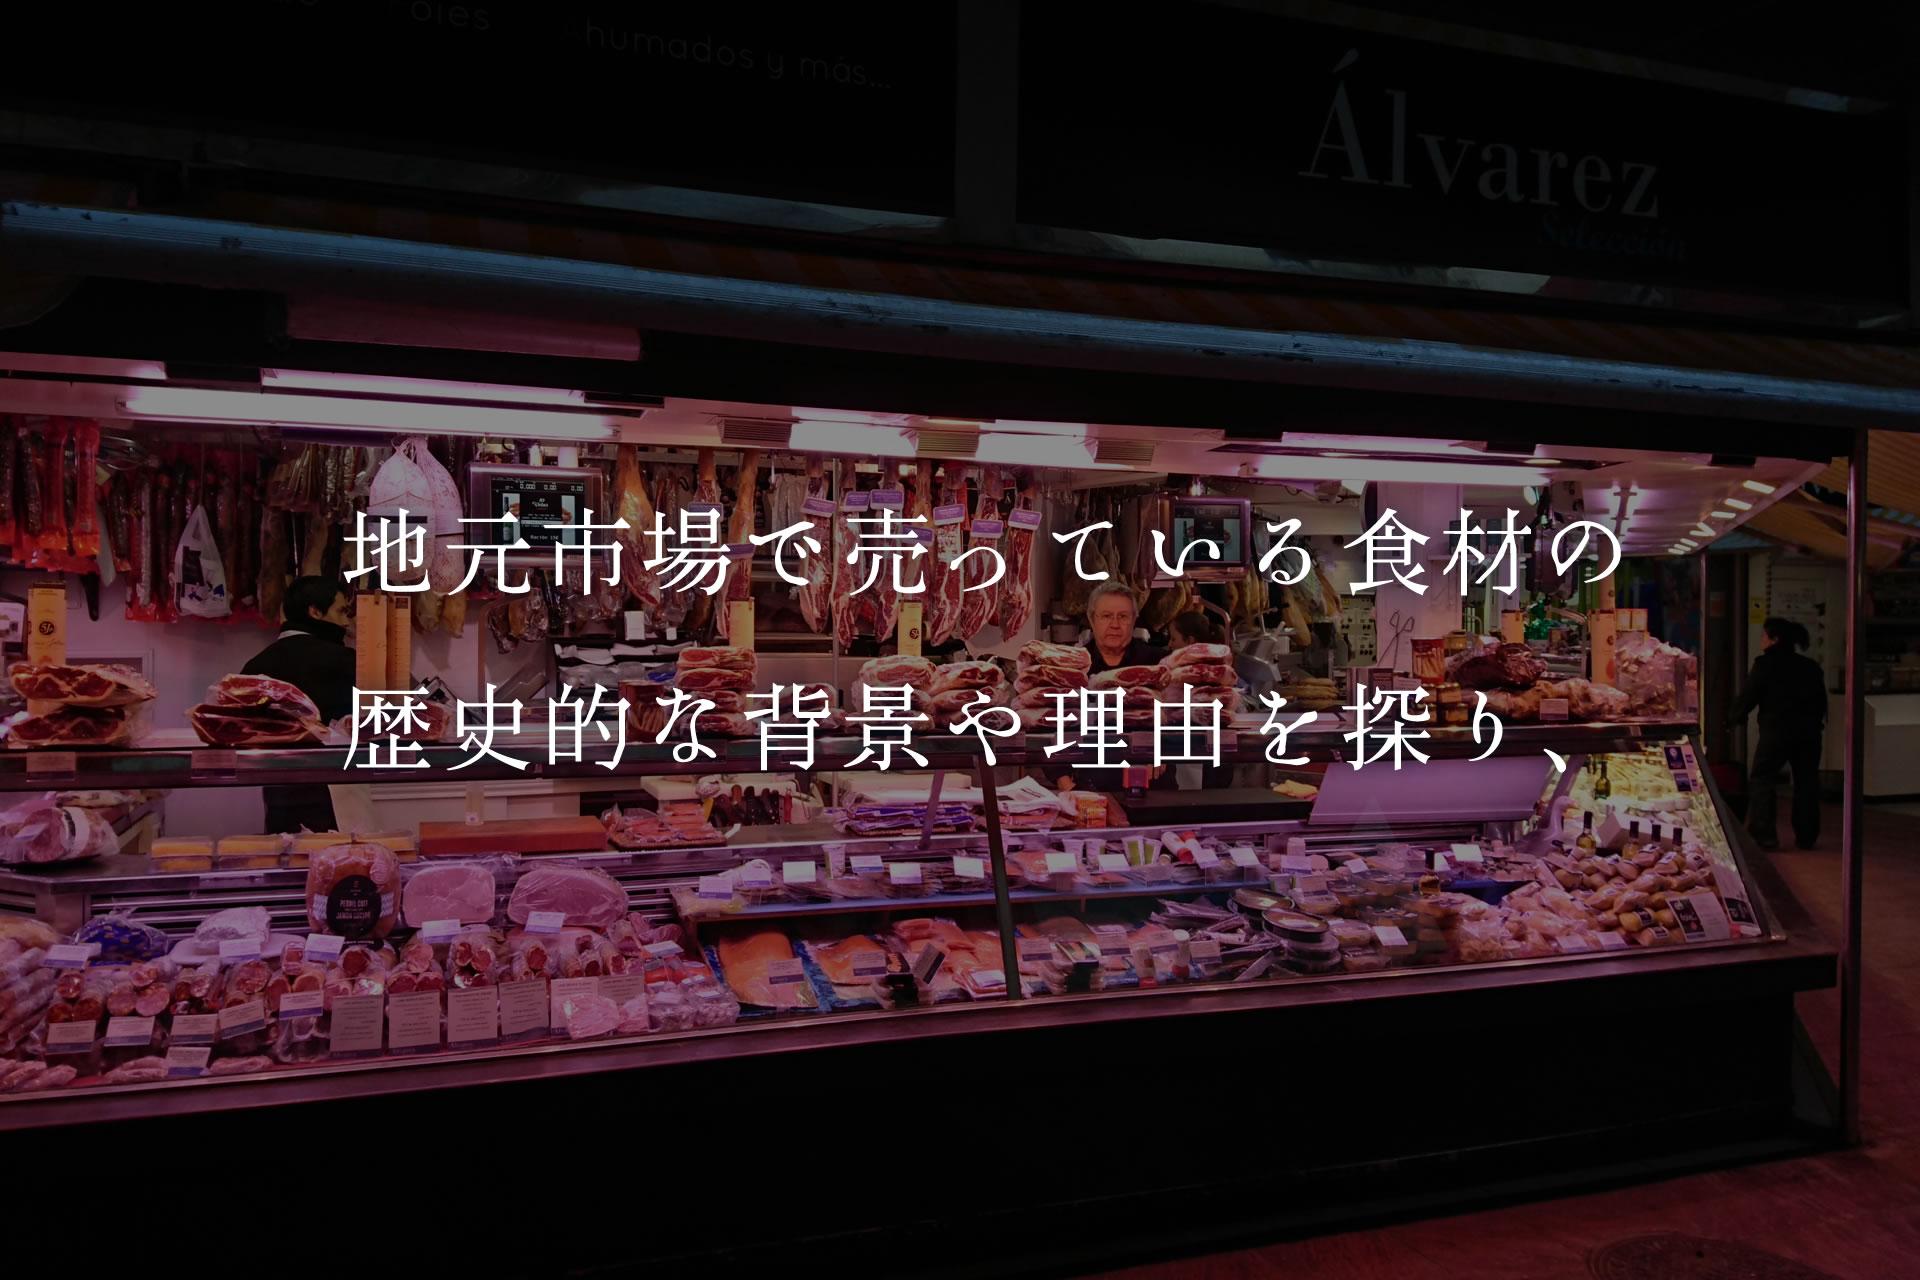 地元市場で売っている食材の歴史的な背景や理由を探り、